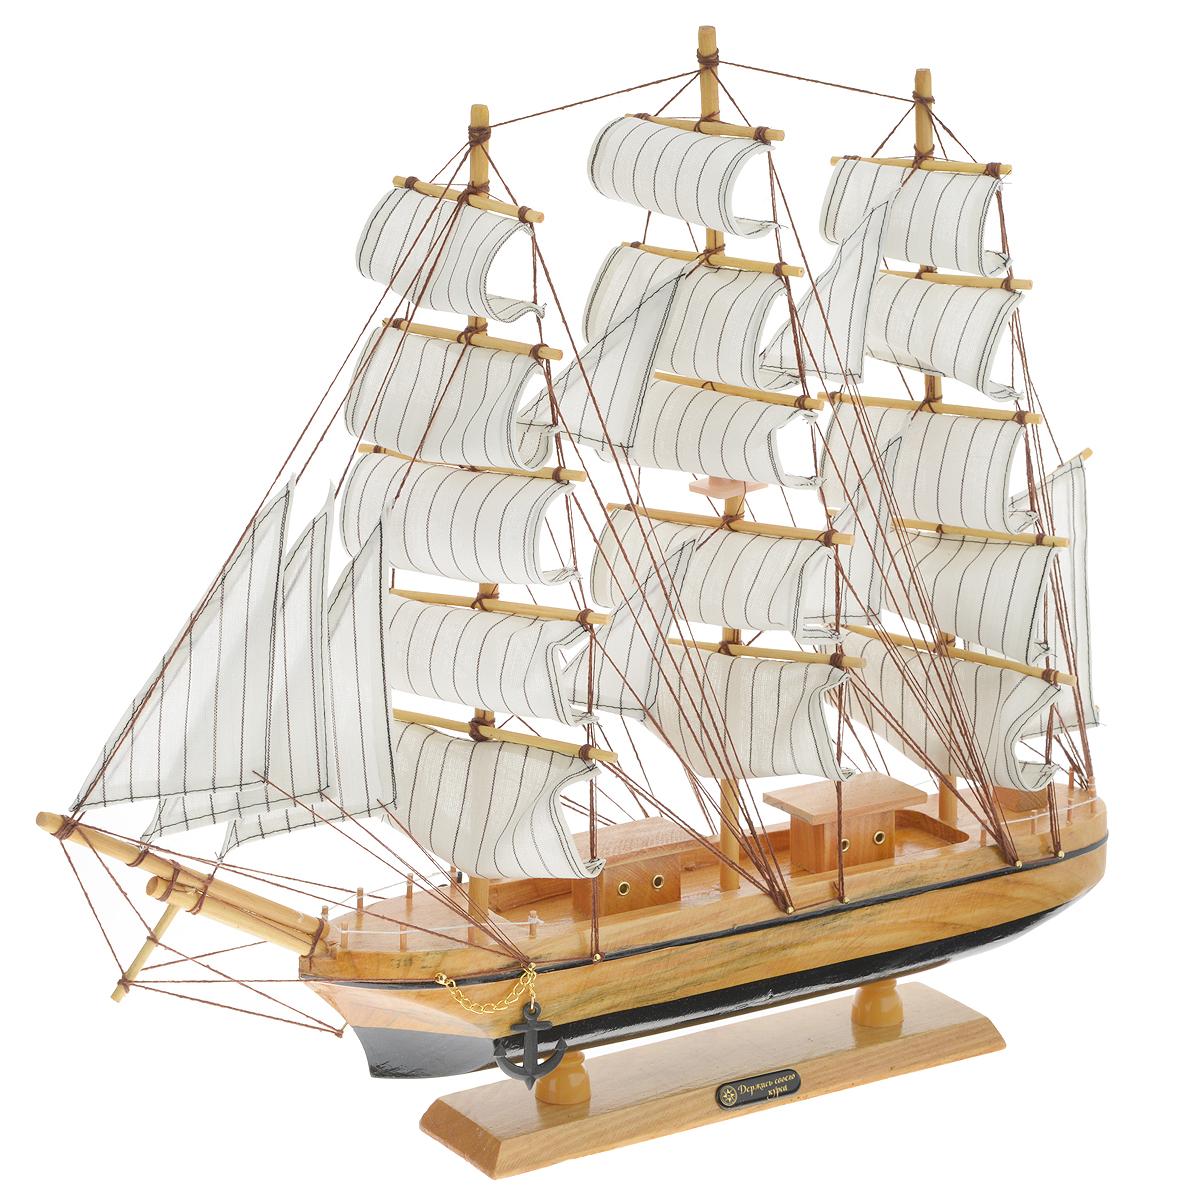 Корабль сувенирный Держись своего курса, длина 50 см74-0060Сувенирный корабль Держись своего курса, изготовленный из дерева и текстиля, это великолепный элемент декора рабочей зоны в офисе или кабинете. Корабль с парусами и якорями помещен на деревянную подставку. Время идет, и мы становимся свидетелями развития технического прогресса, новых учений и практик. Но одно не подвластно времени - это любовь человека к морю и кораблям. Сувенирный корабль наполнен историей и силой океанских вод. Данная модель кораблика станет отличным подарком для всех любителей морей, поклонников историй о покорении океанов и неизведанных земель. Модель корабля - подарок со смыслом. Издавна на Руси считалось, что корабли приносят удачу и везение. Поэтому их изображения, фигурки и точные копии всегда присутствовали в помещениях. Удивите себя и своих близких необычным презентом.